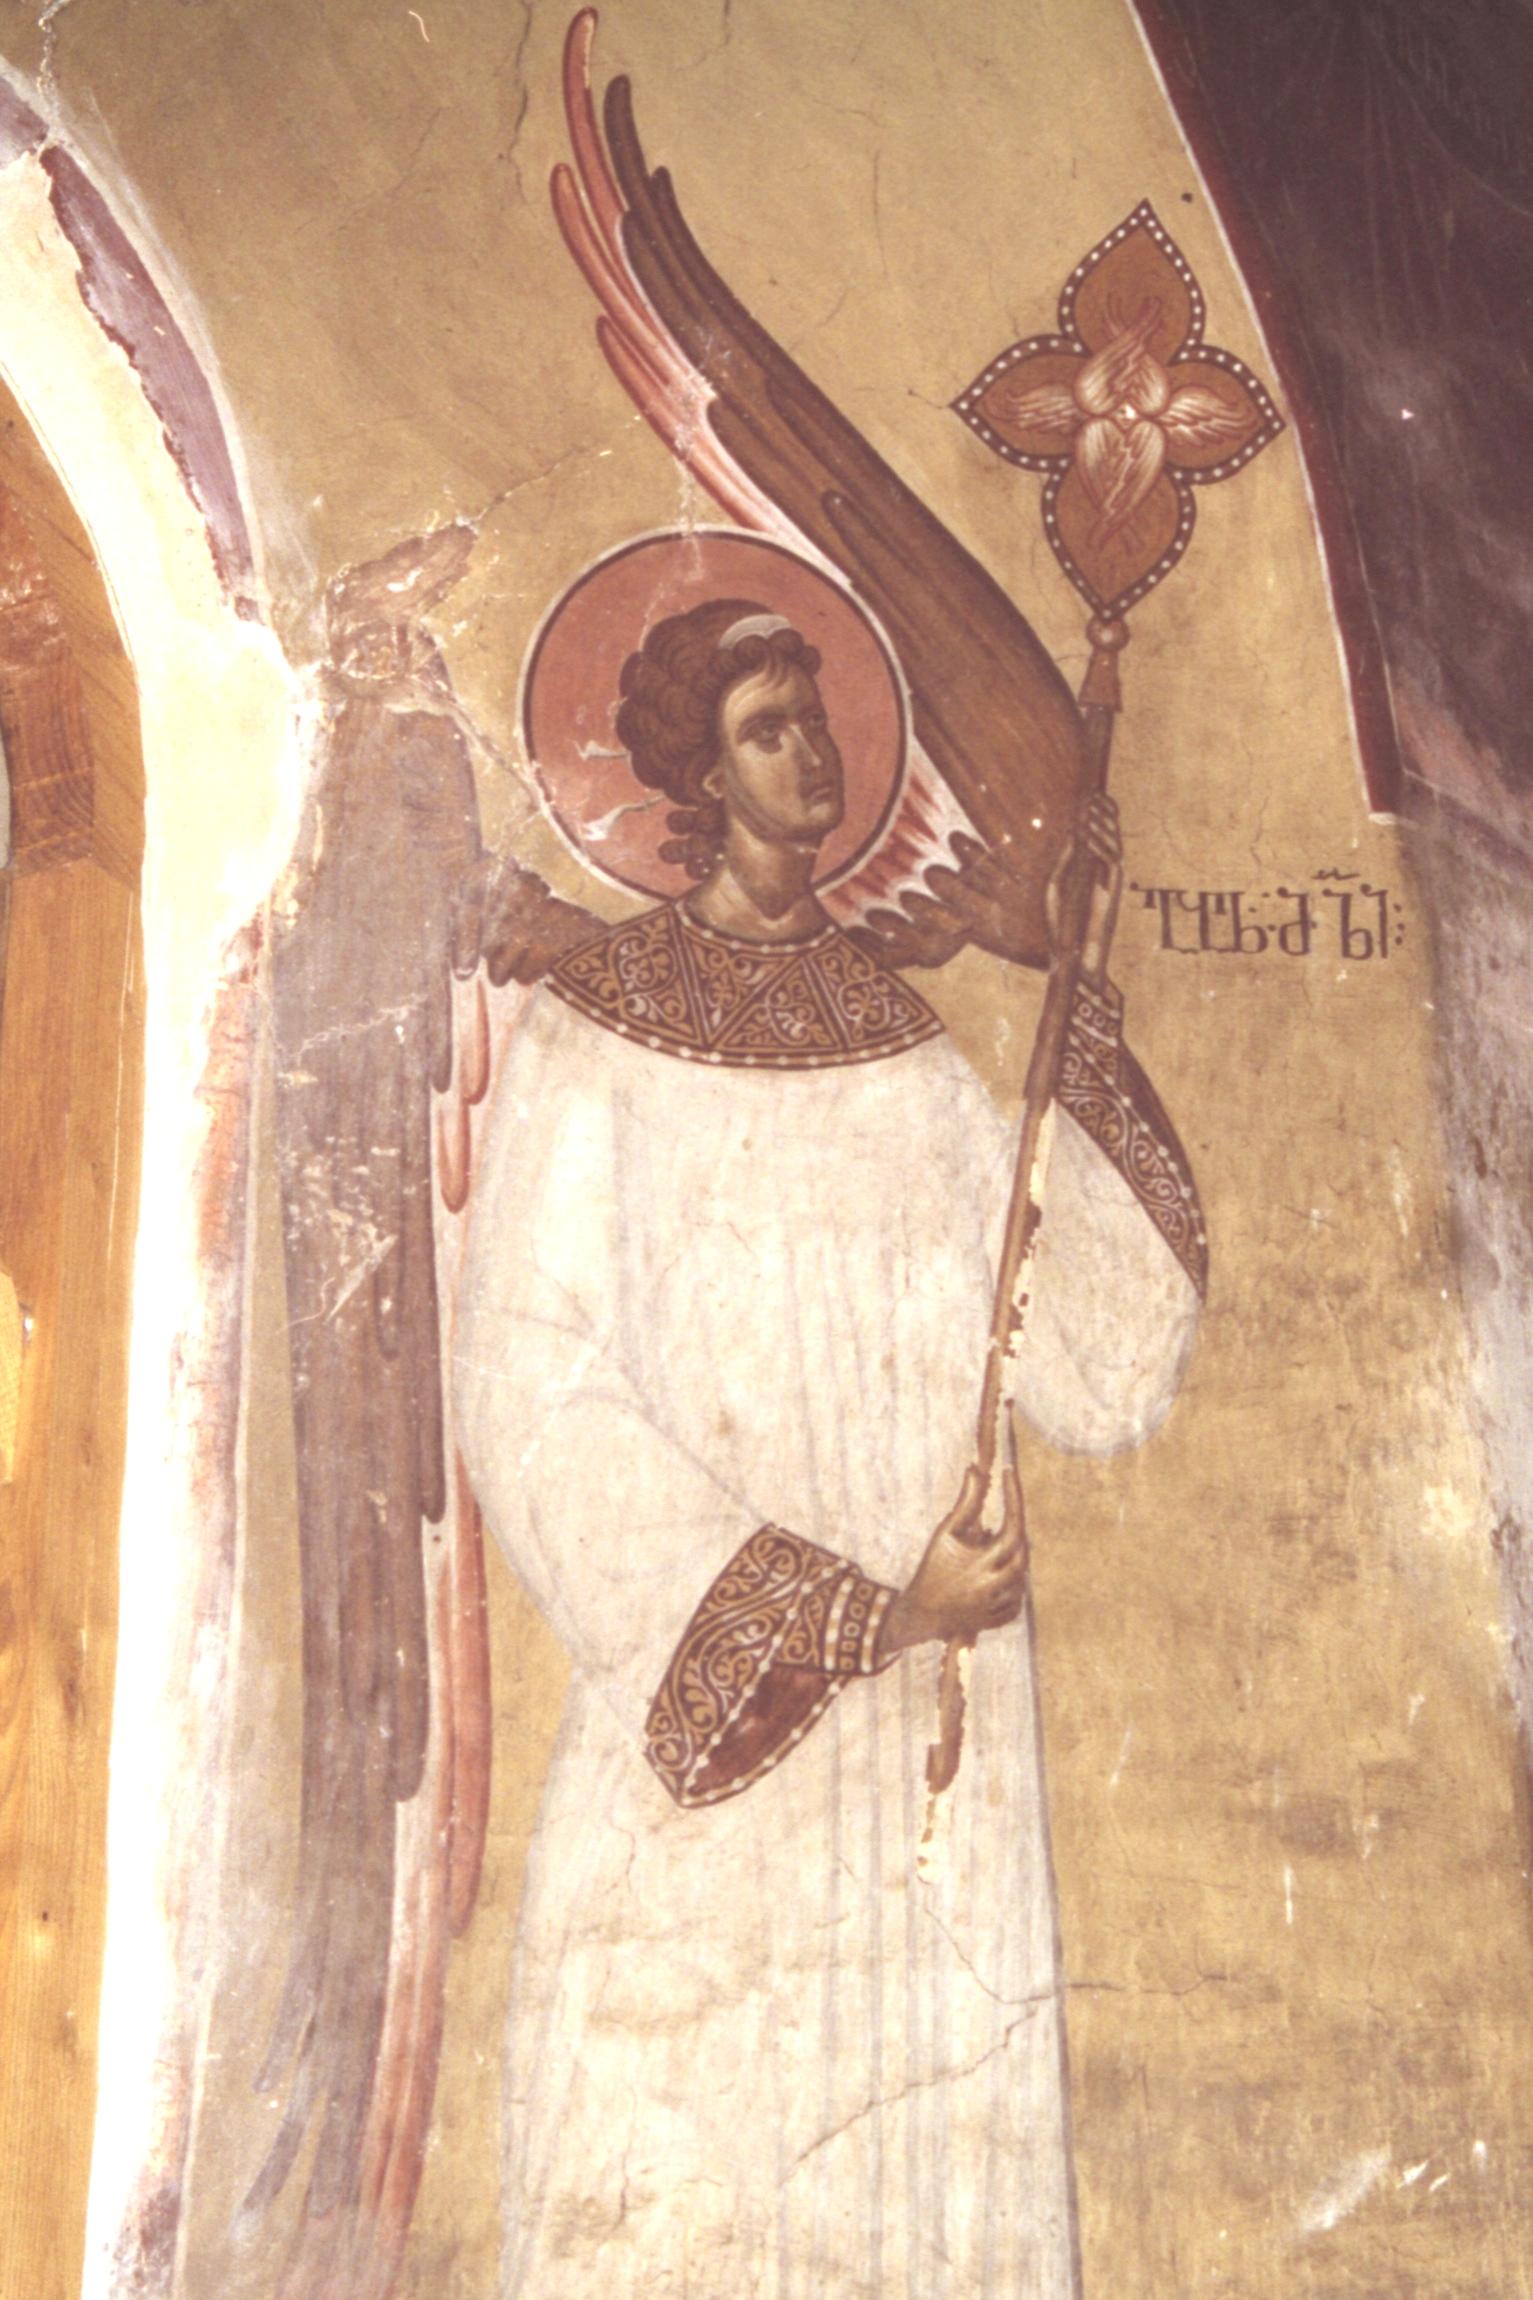 Ангел-диакон. Фреска XIV века в церкви Св. Георгия в Убиси, Грузия. Иконописец Герасиме. Фрагмент.